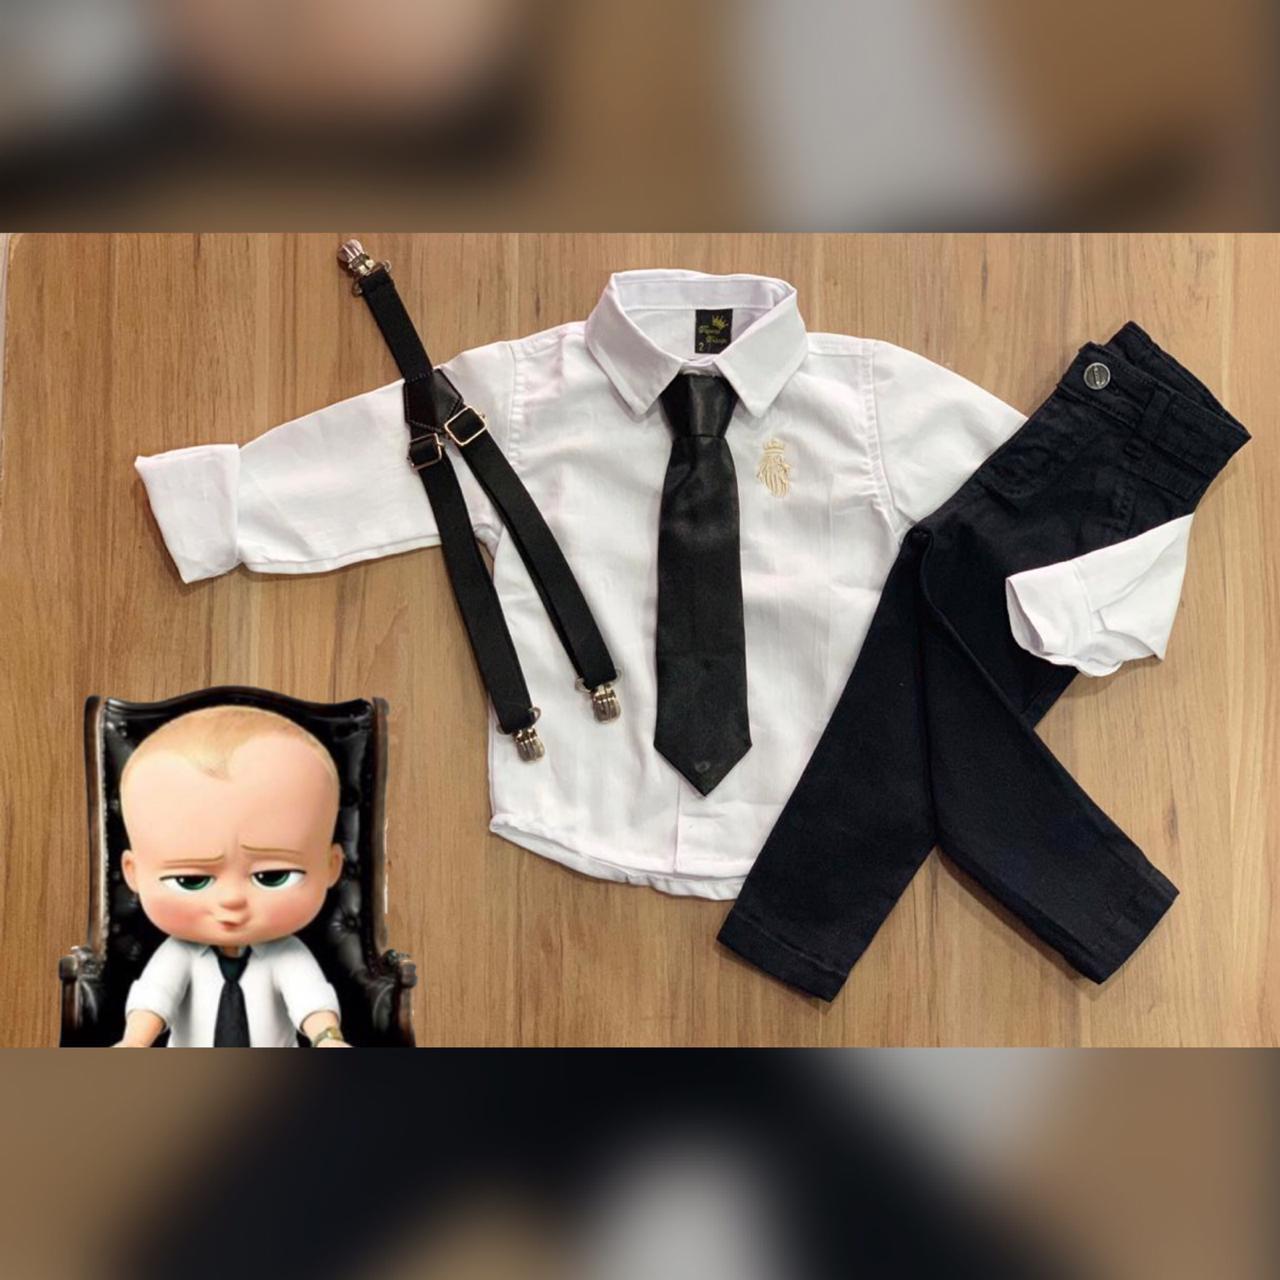 Calça preta com Suspensório e Camisa Branca com Gravata - Look Poderoso Chefinho